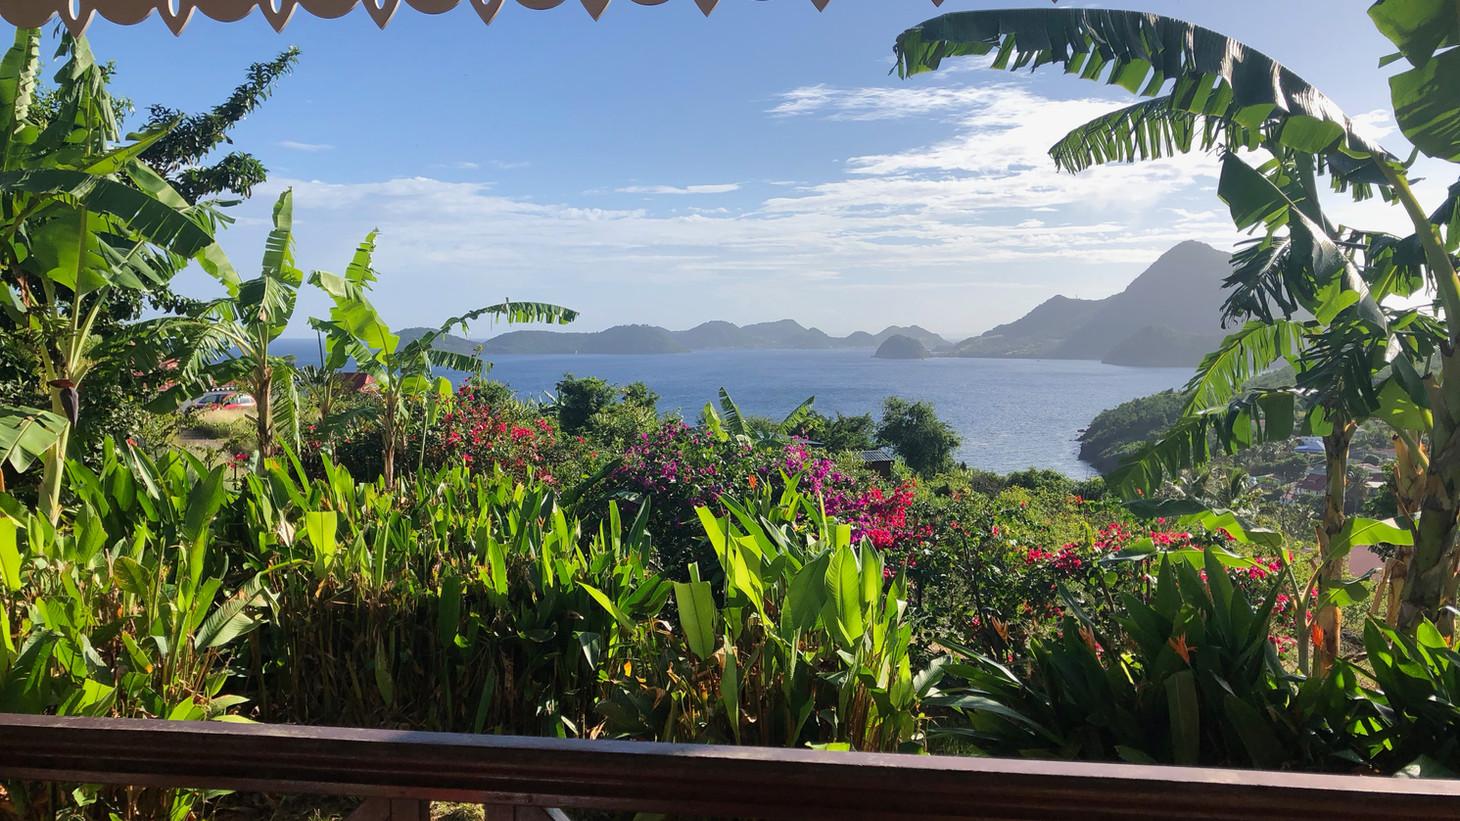 Vue de la terrasse Coco à l'Eau - Résidence Coco d'Iles -  Les Saintes